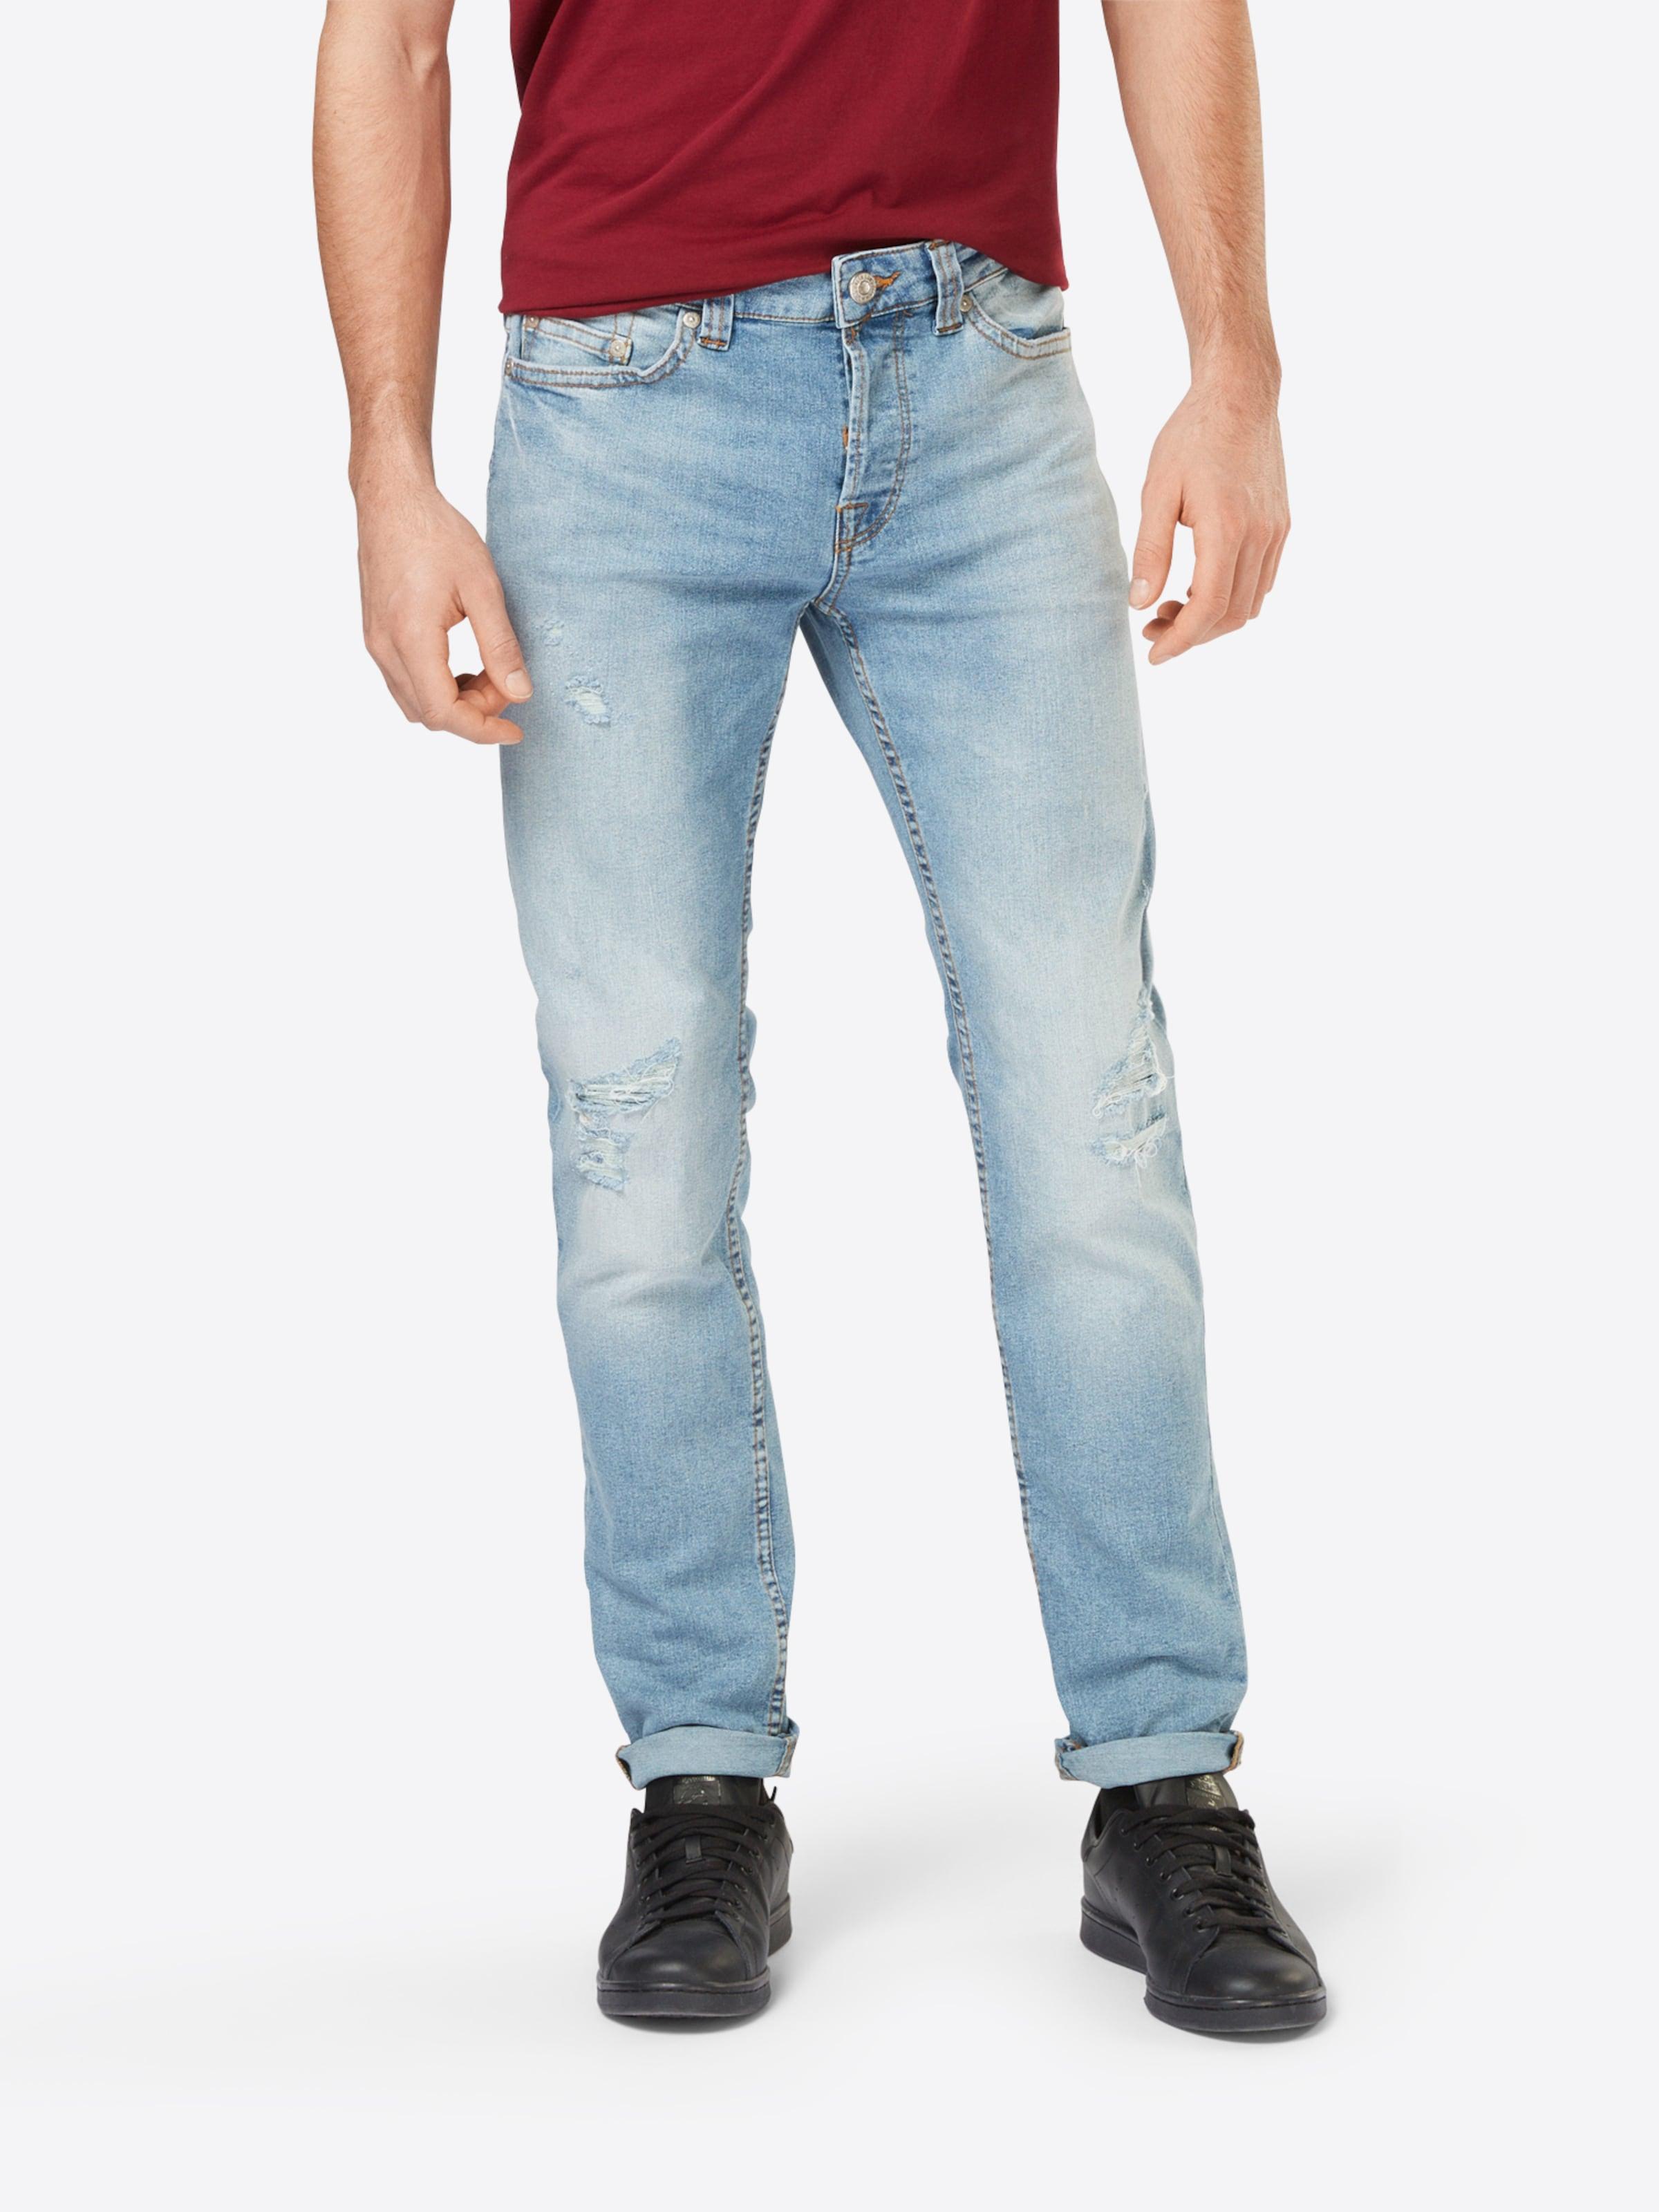 Günstig Kaufen Gut Verkaufen Only & Sons Slim-Jeans im Used-Look 'LOOM BREAKS' Beliebt Zu Verkaufen Footlocker Bilder np6iXfIn